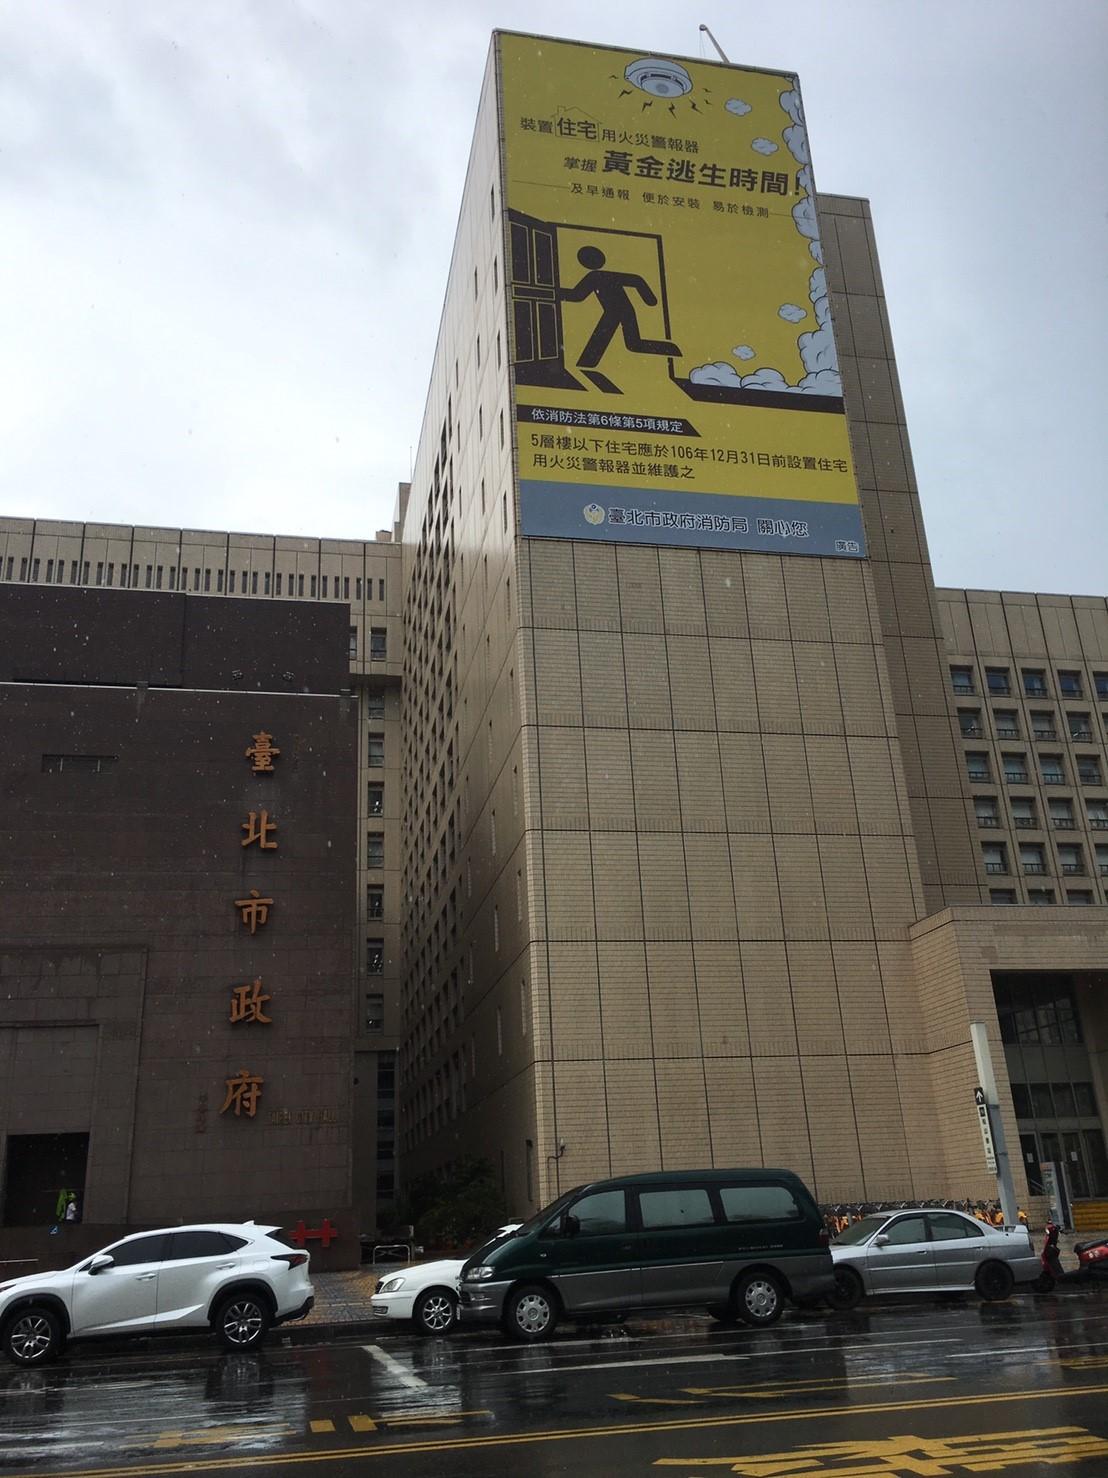 臺北市政府東側外牆帆布_181031_0006